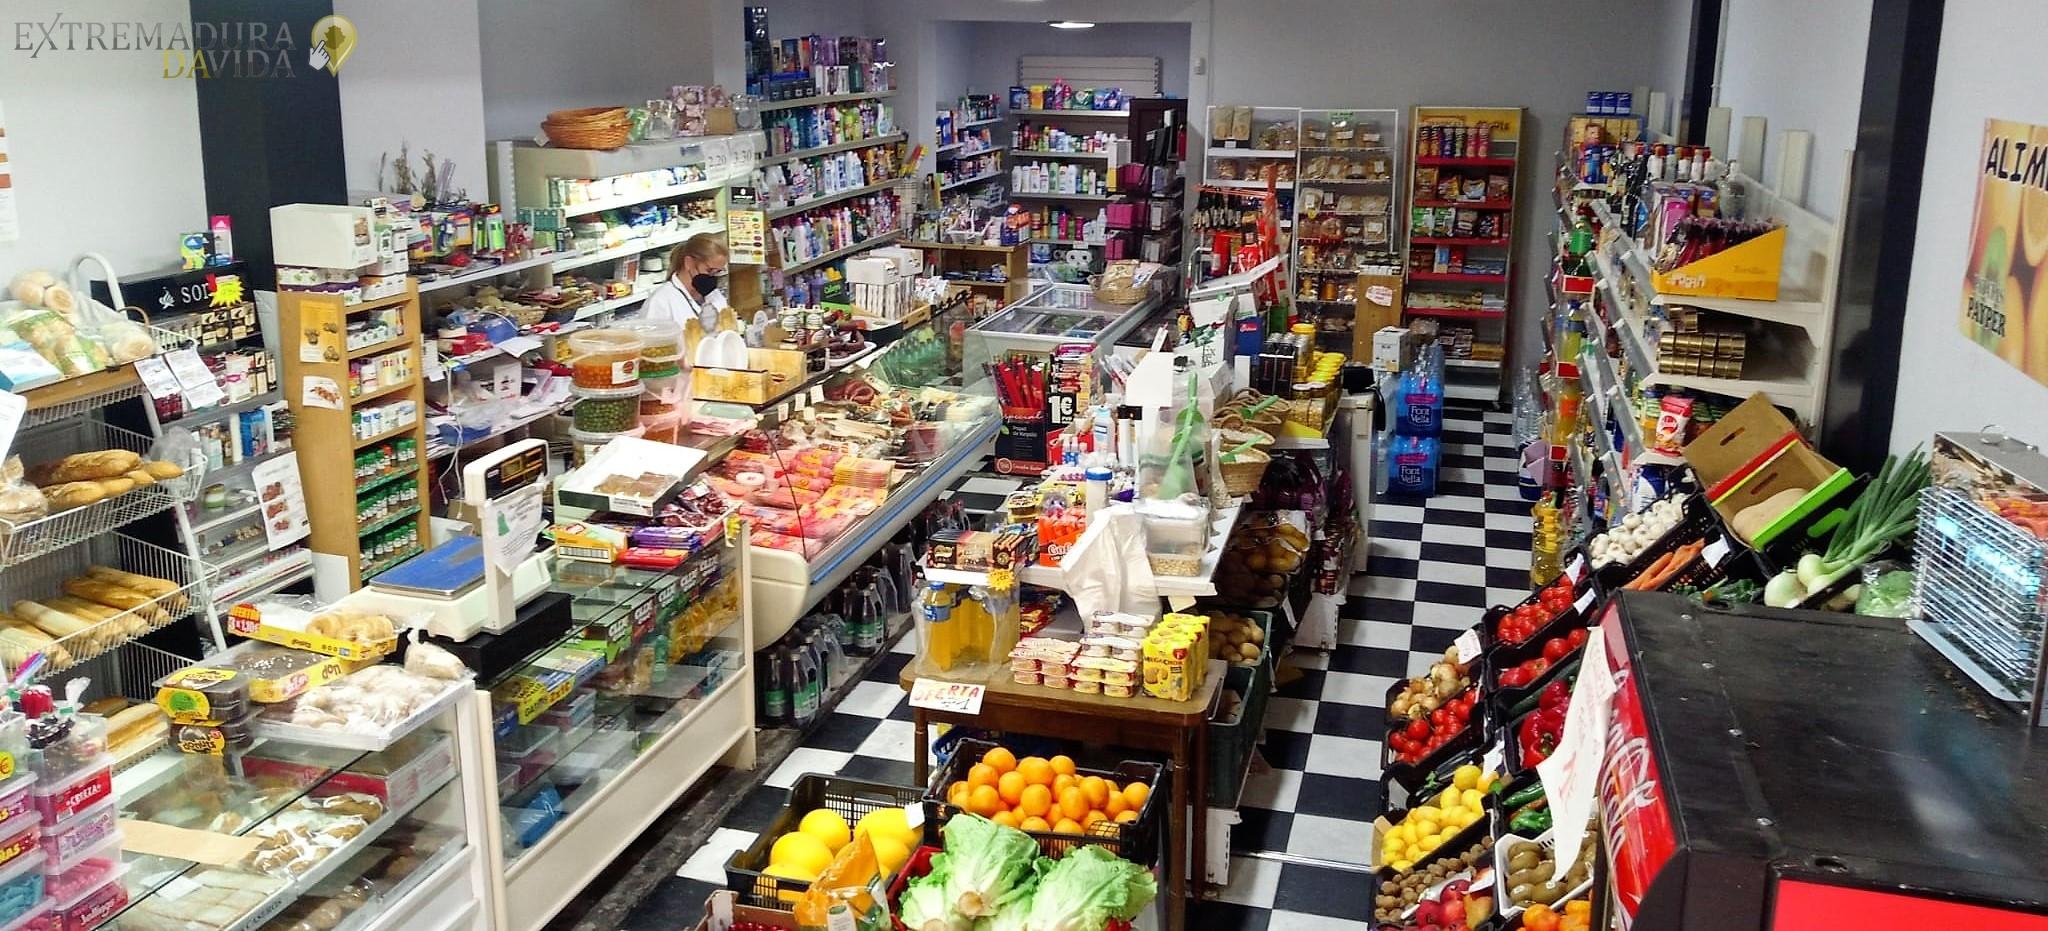 Tienda de alimentación en Almendralejo Multitienda La Paz